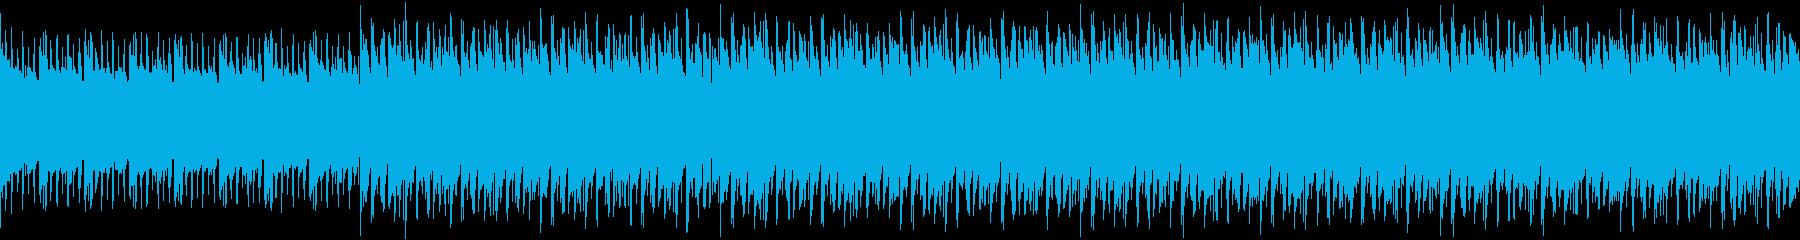 おしゃれなピアノのループ曲の再生済みの波形